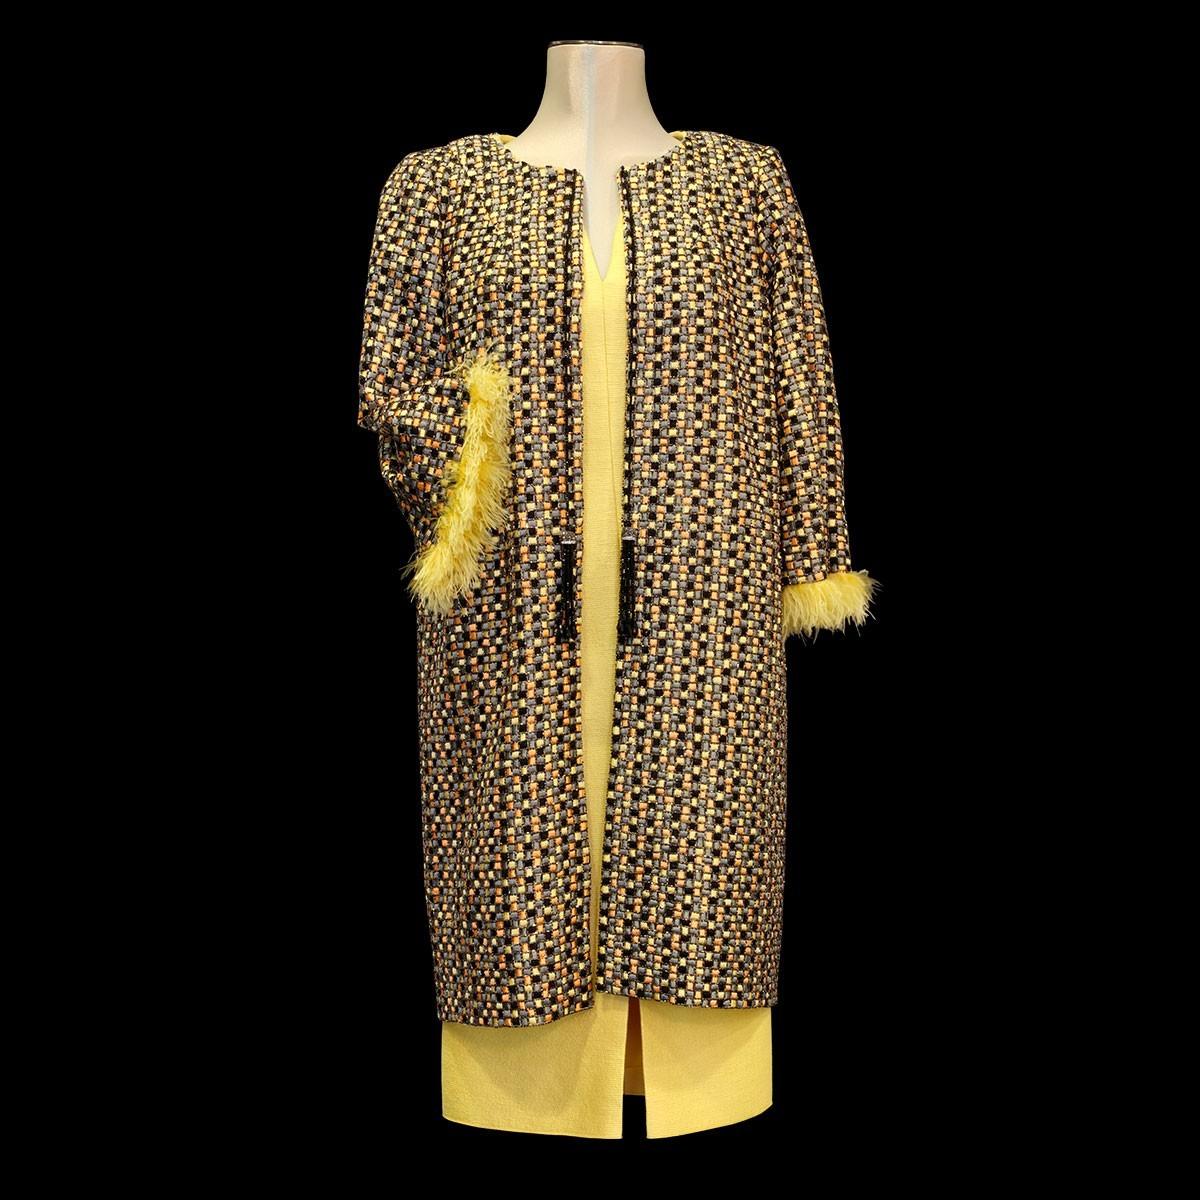 Abrigo con base de seda bordada